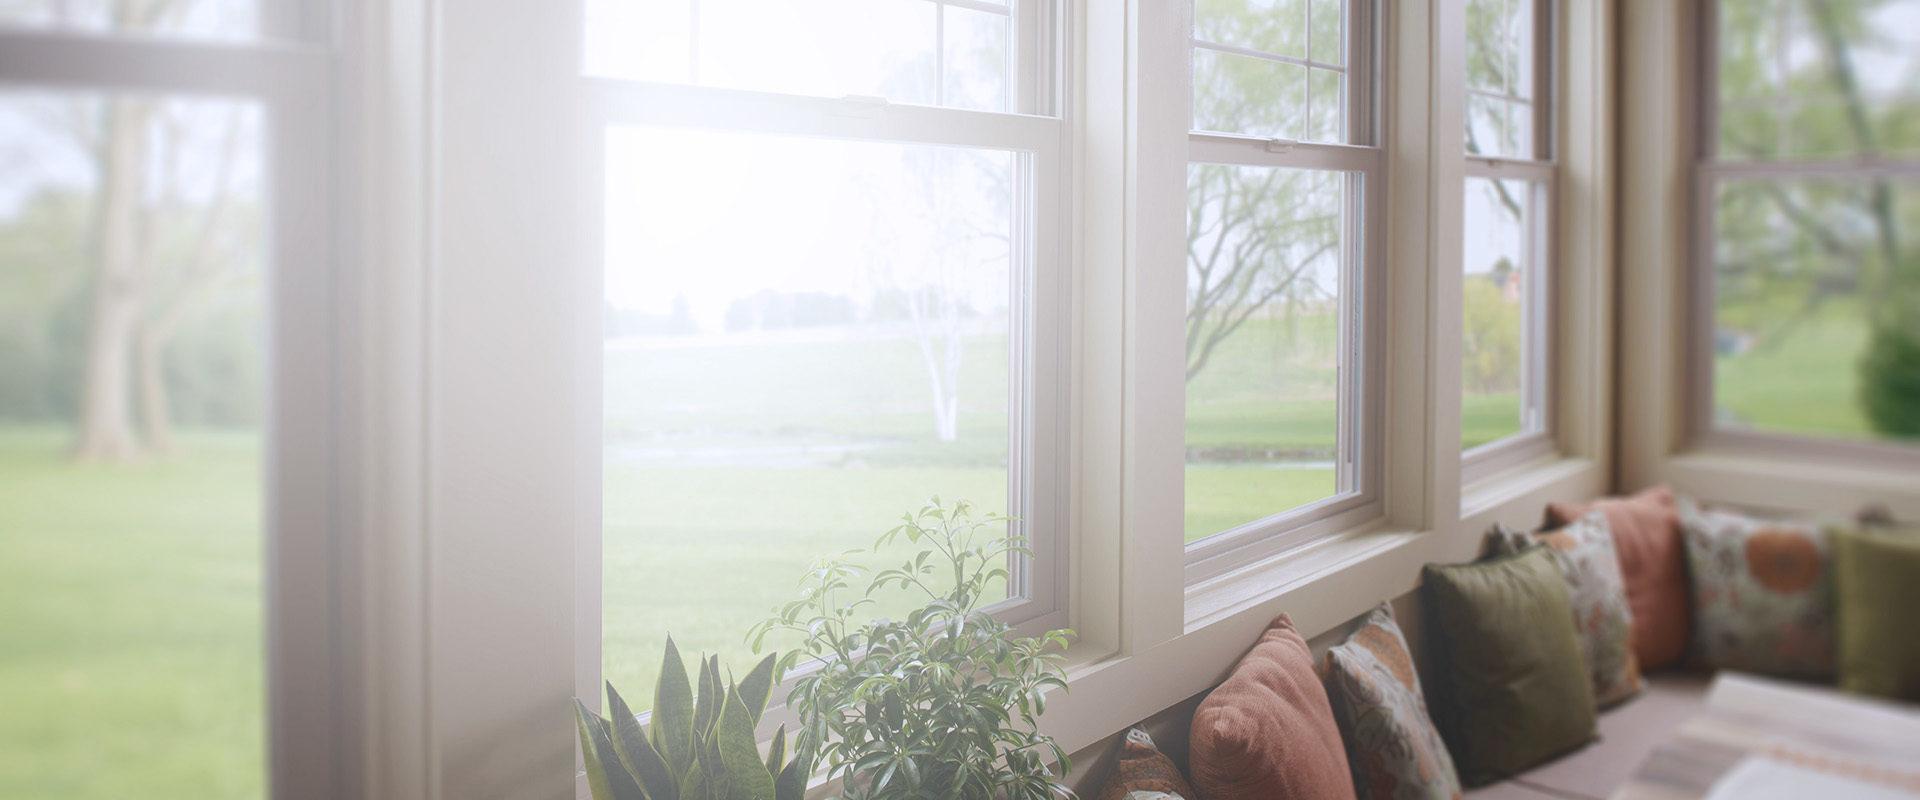 Фоновая картинка окна в коттедж